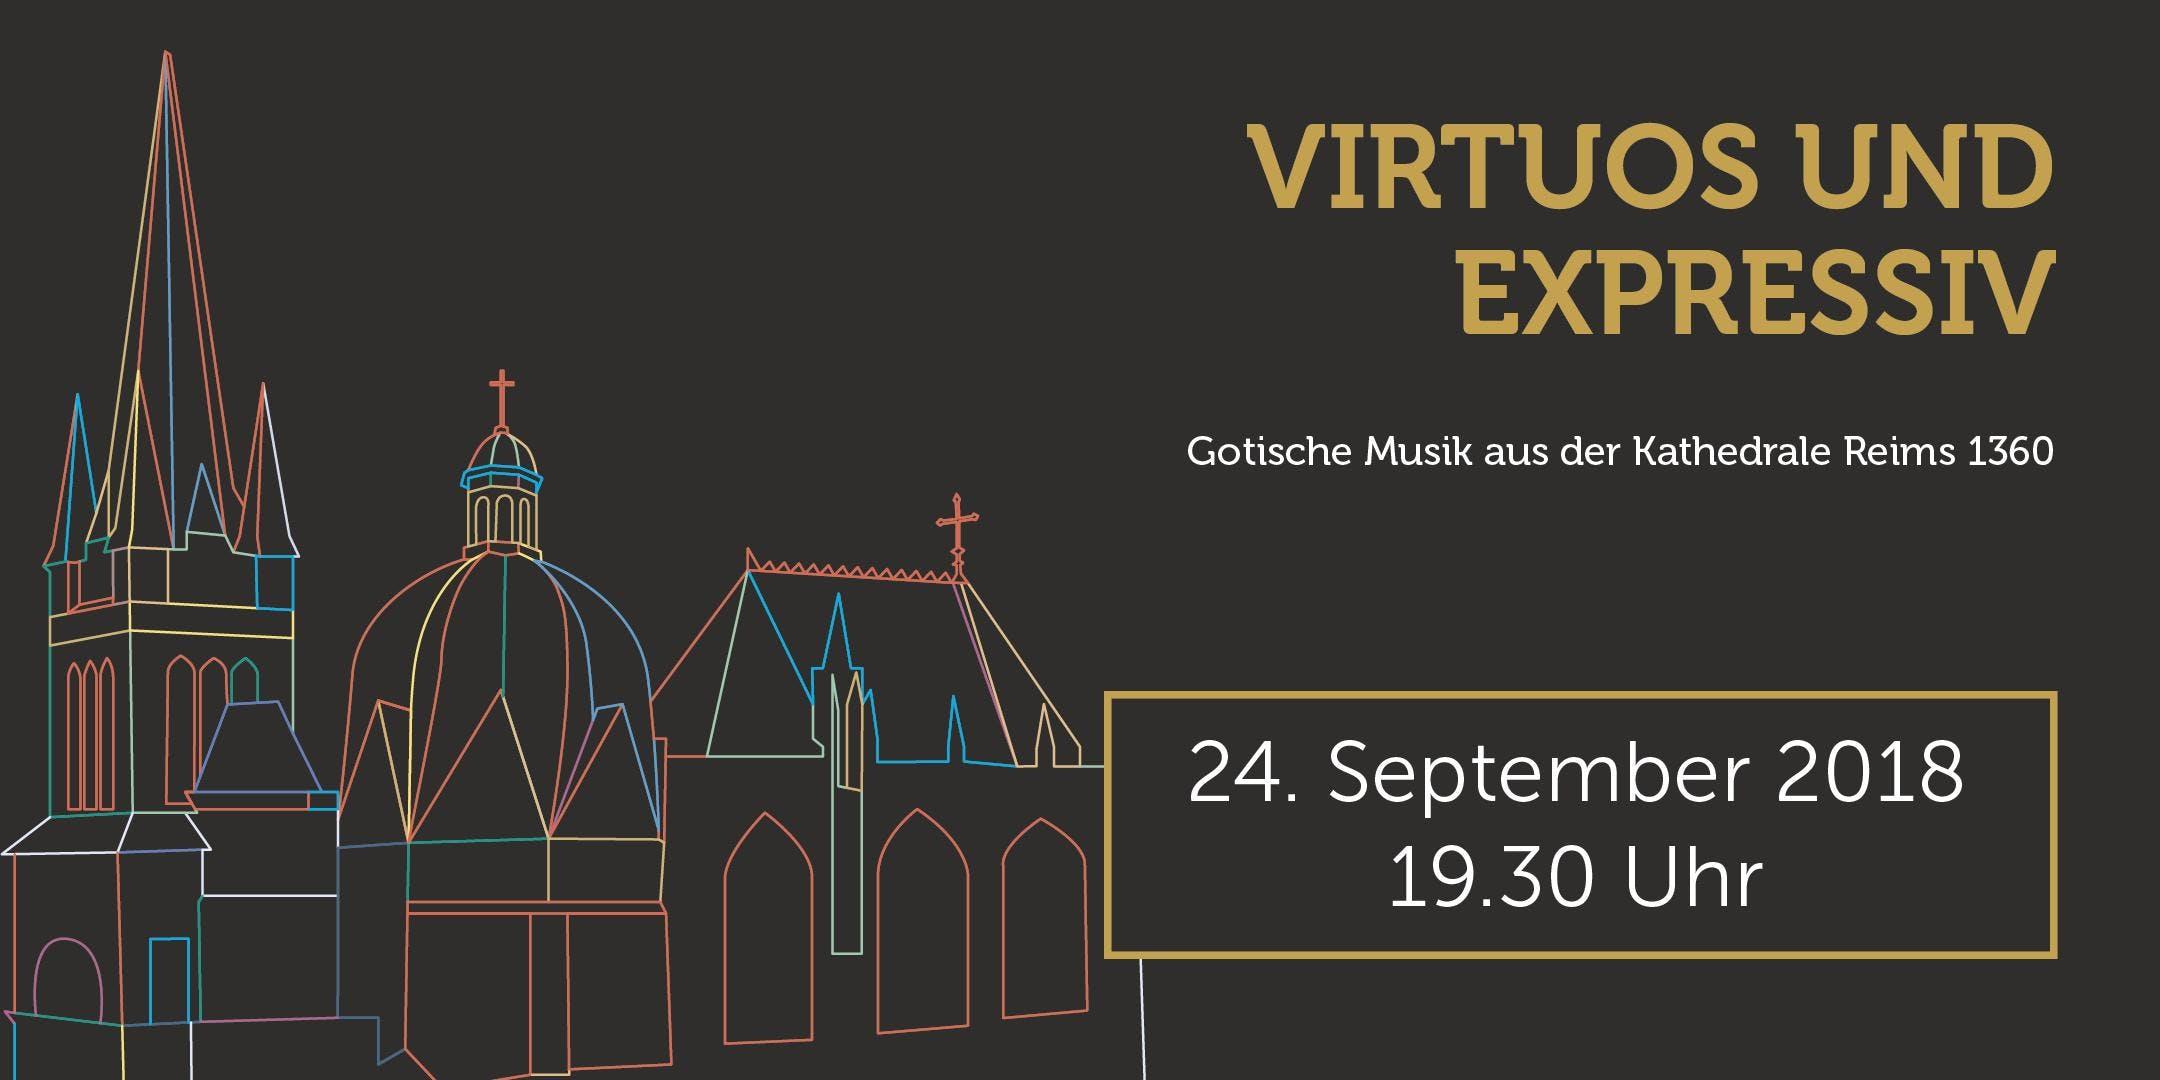 Gotische Musik aus der Kathedrale Reims 1360